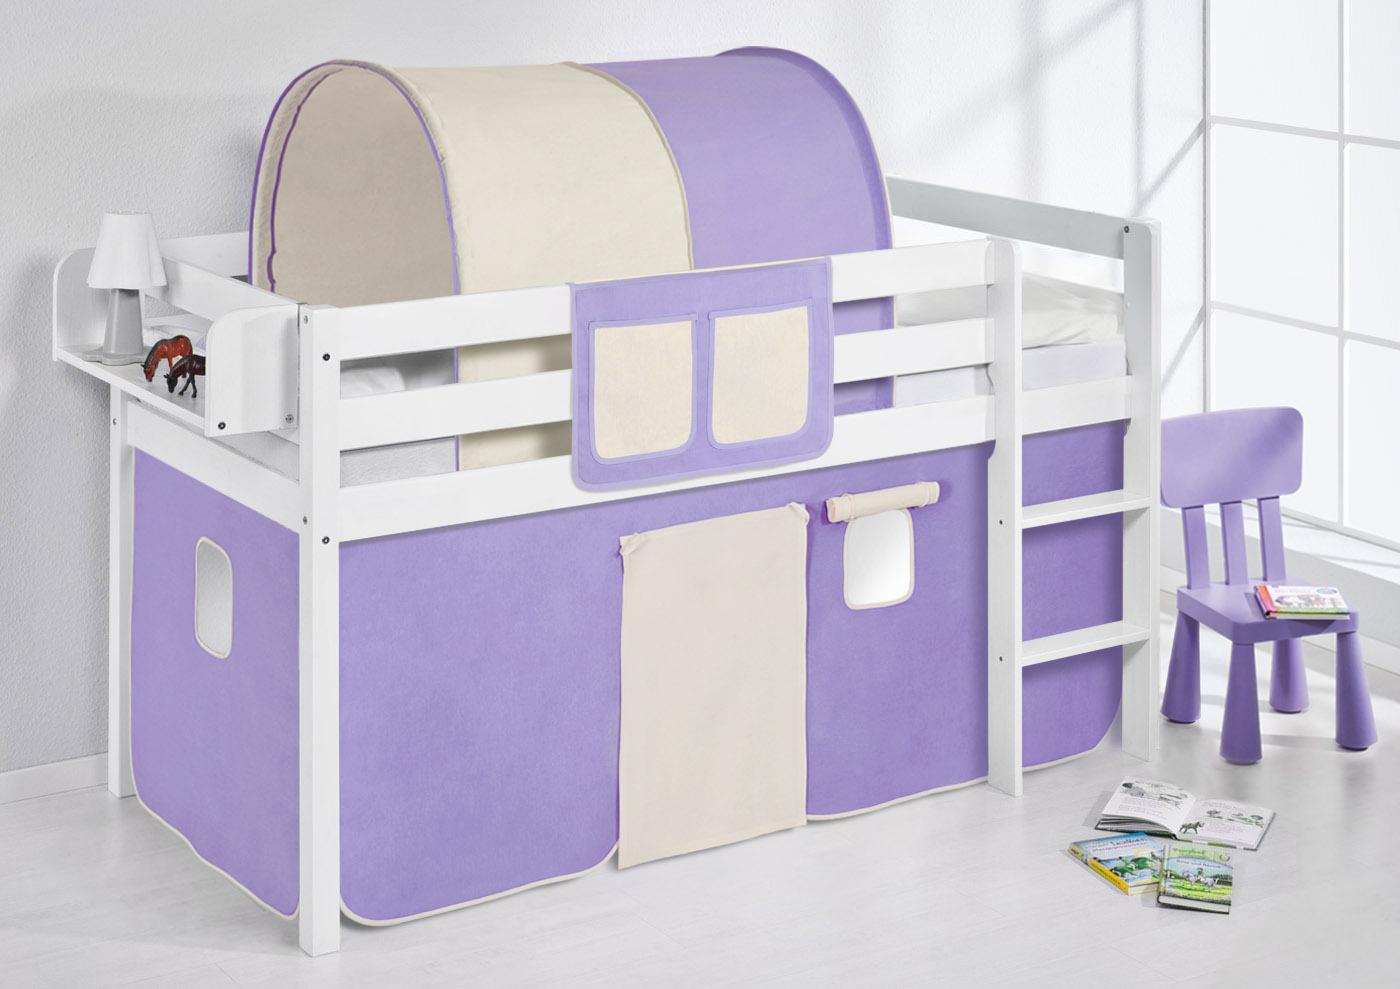 Lit enfants mezzanine lit blanc avec un rideau lilokids ebay - Rideau lit mezzanine ...